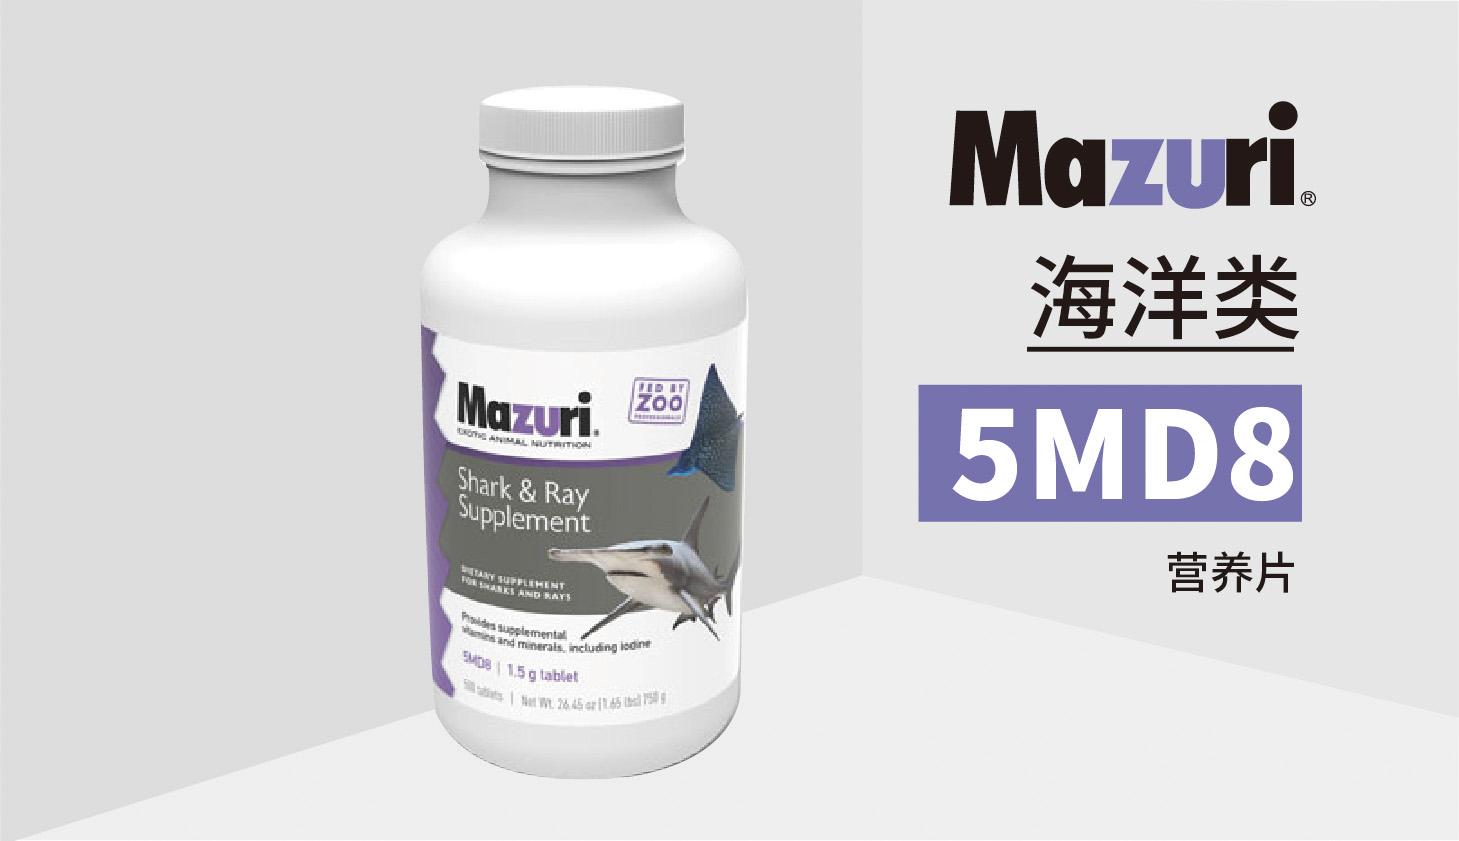 鲨鱼/鳐营养5MD8